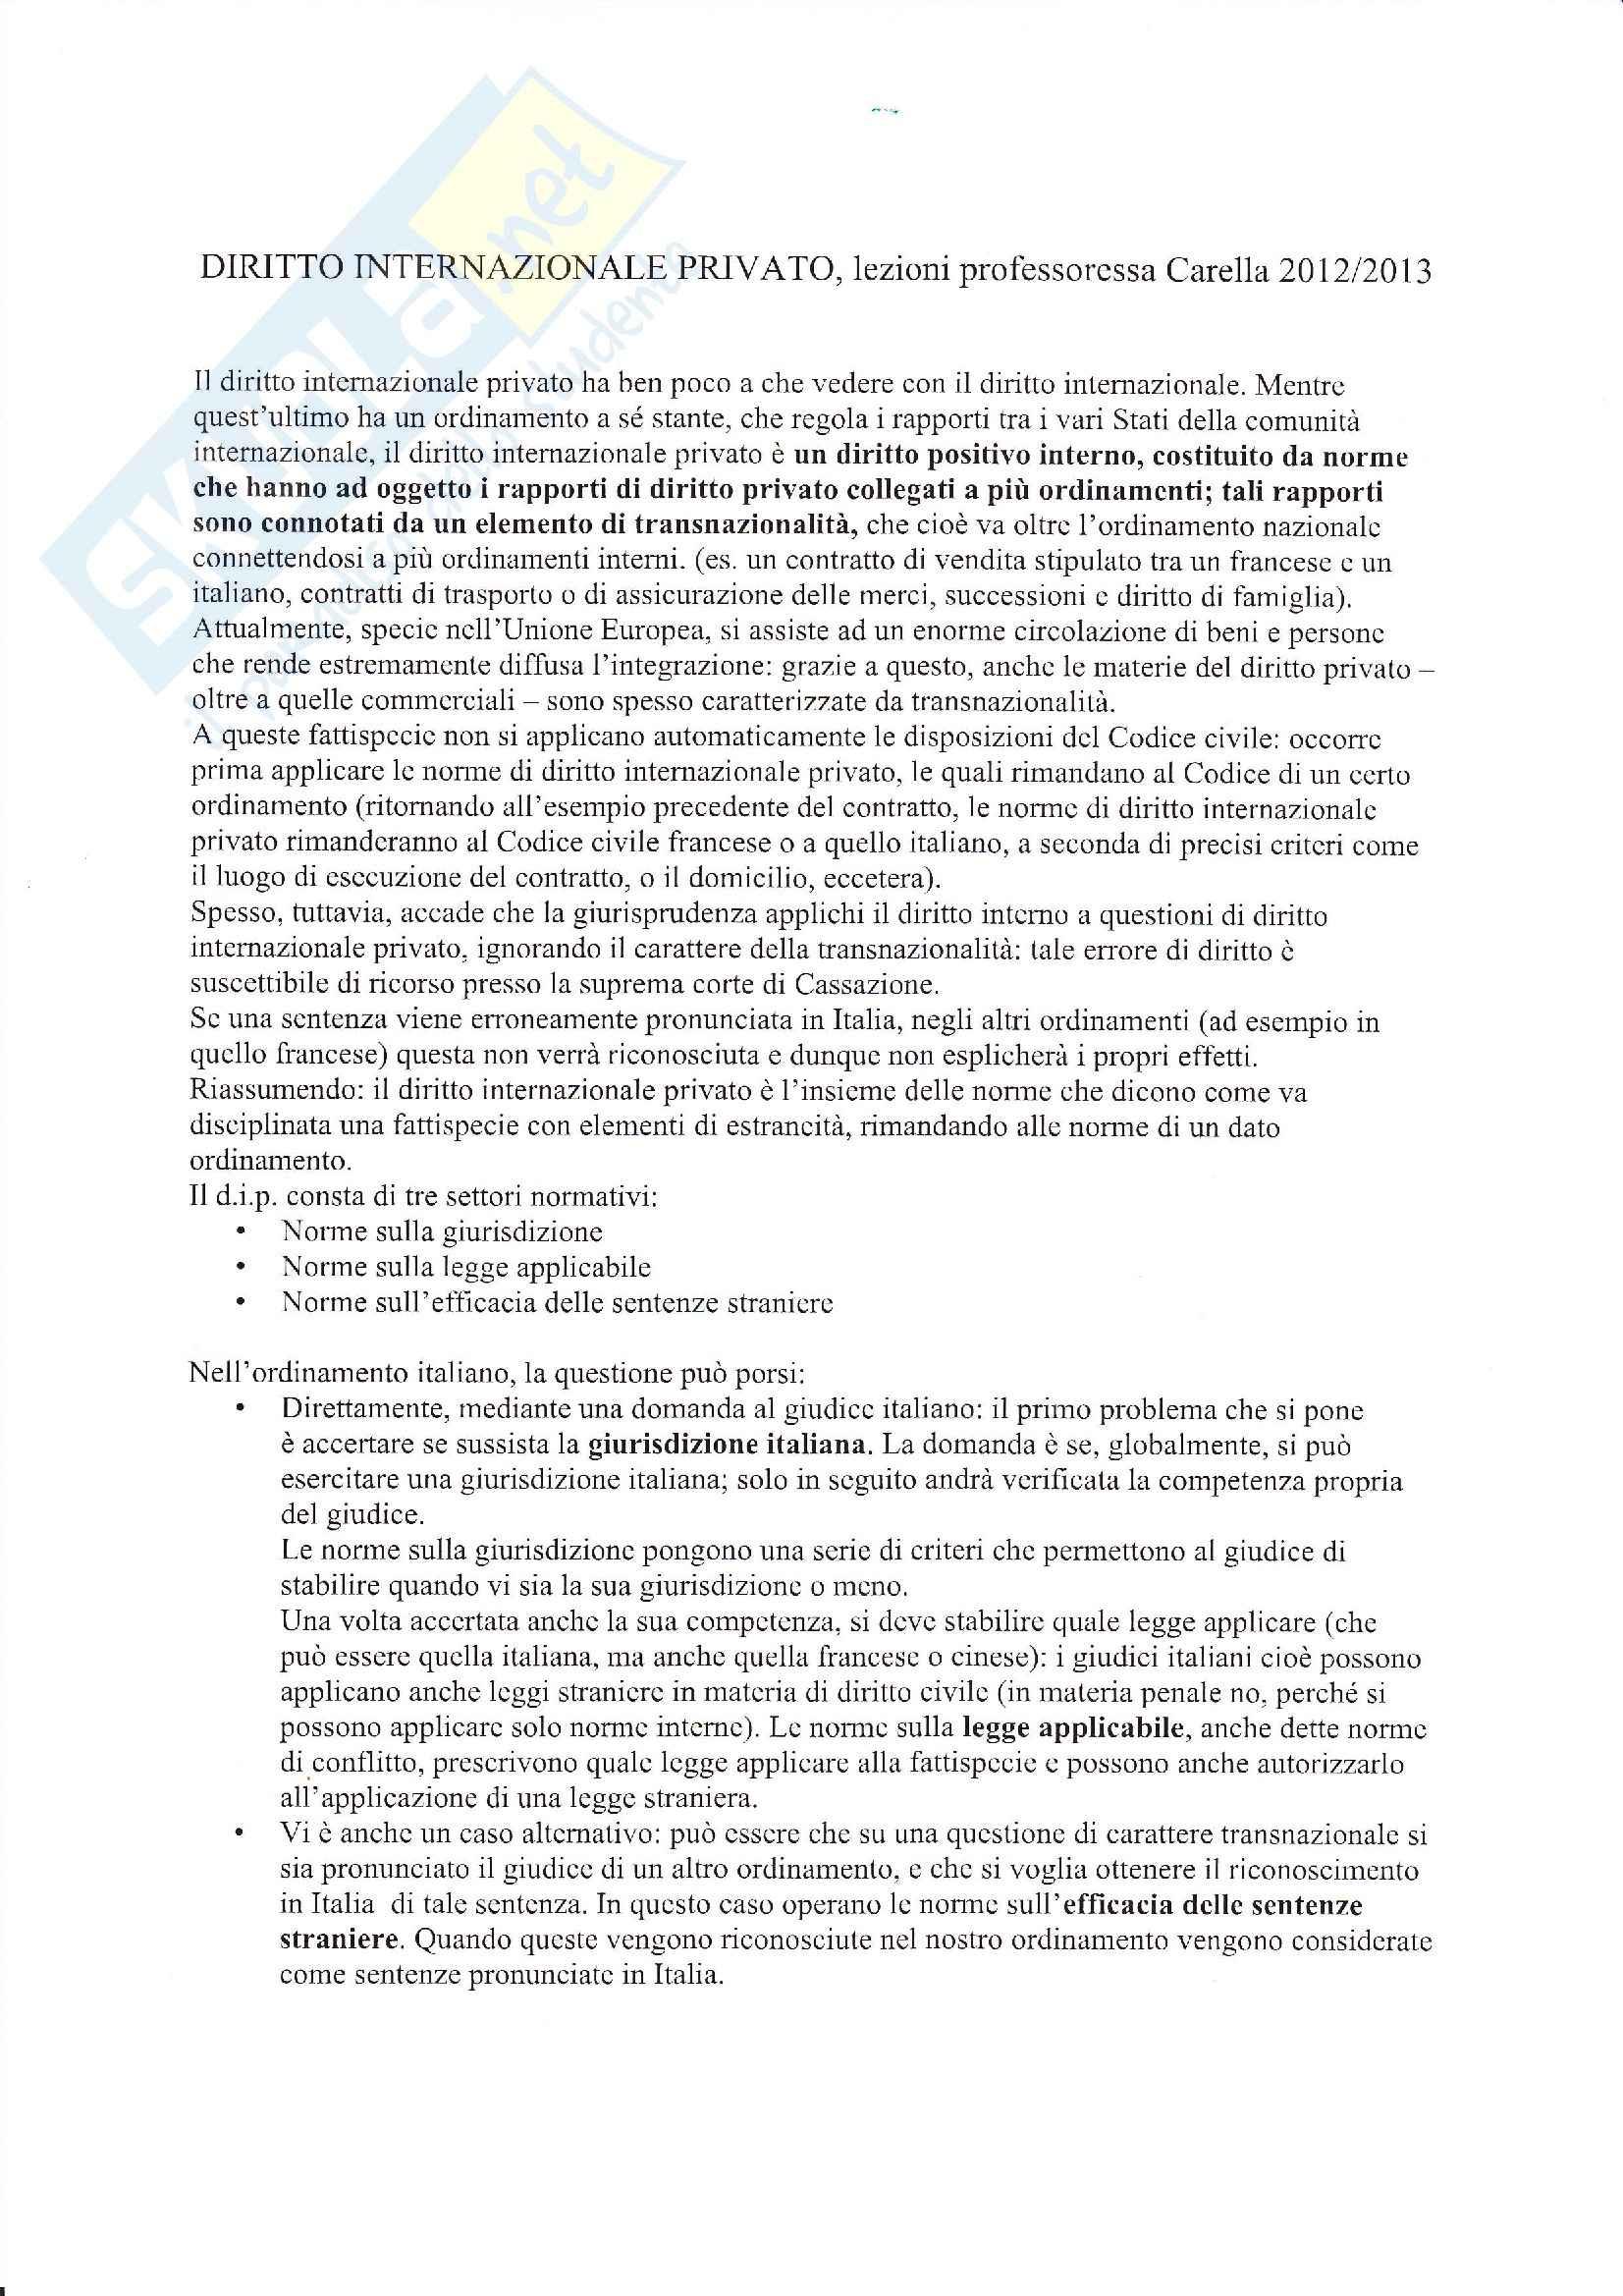 Diritto internazionale privato - Appunti